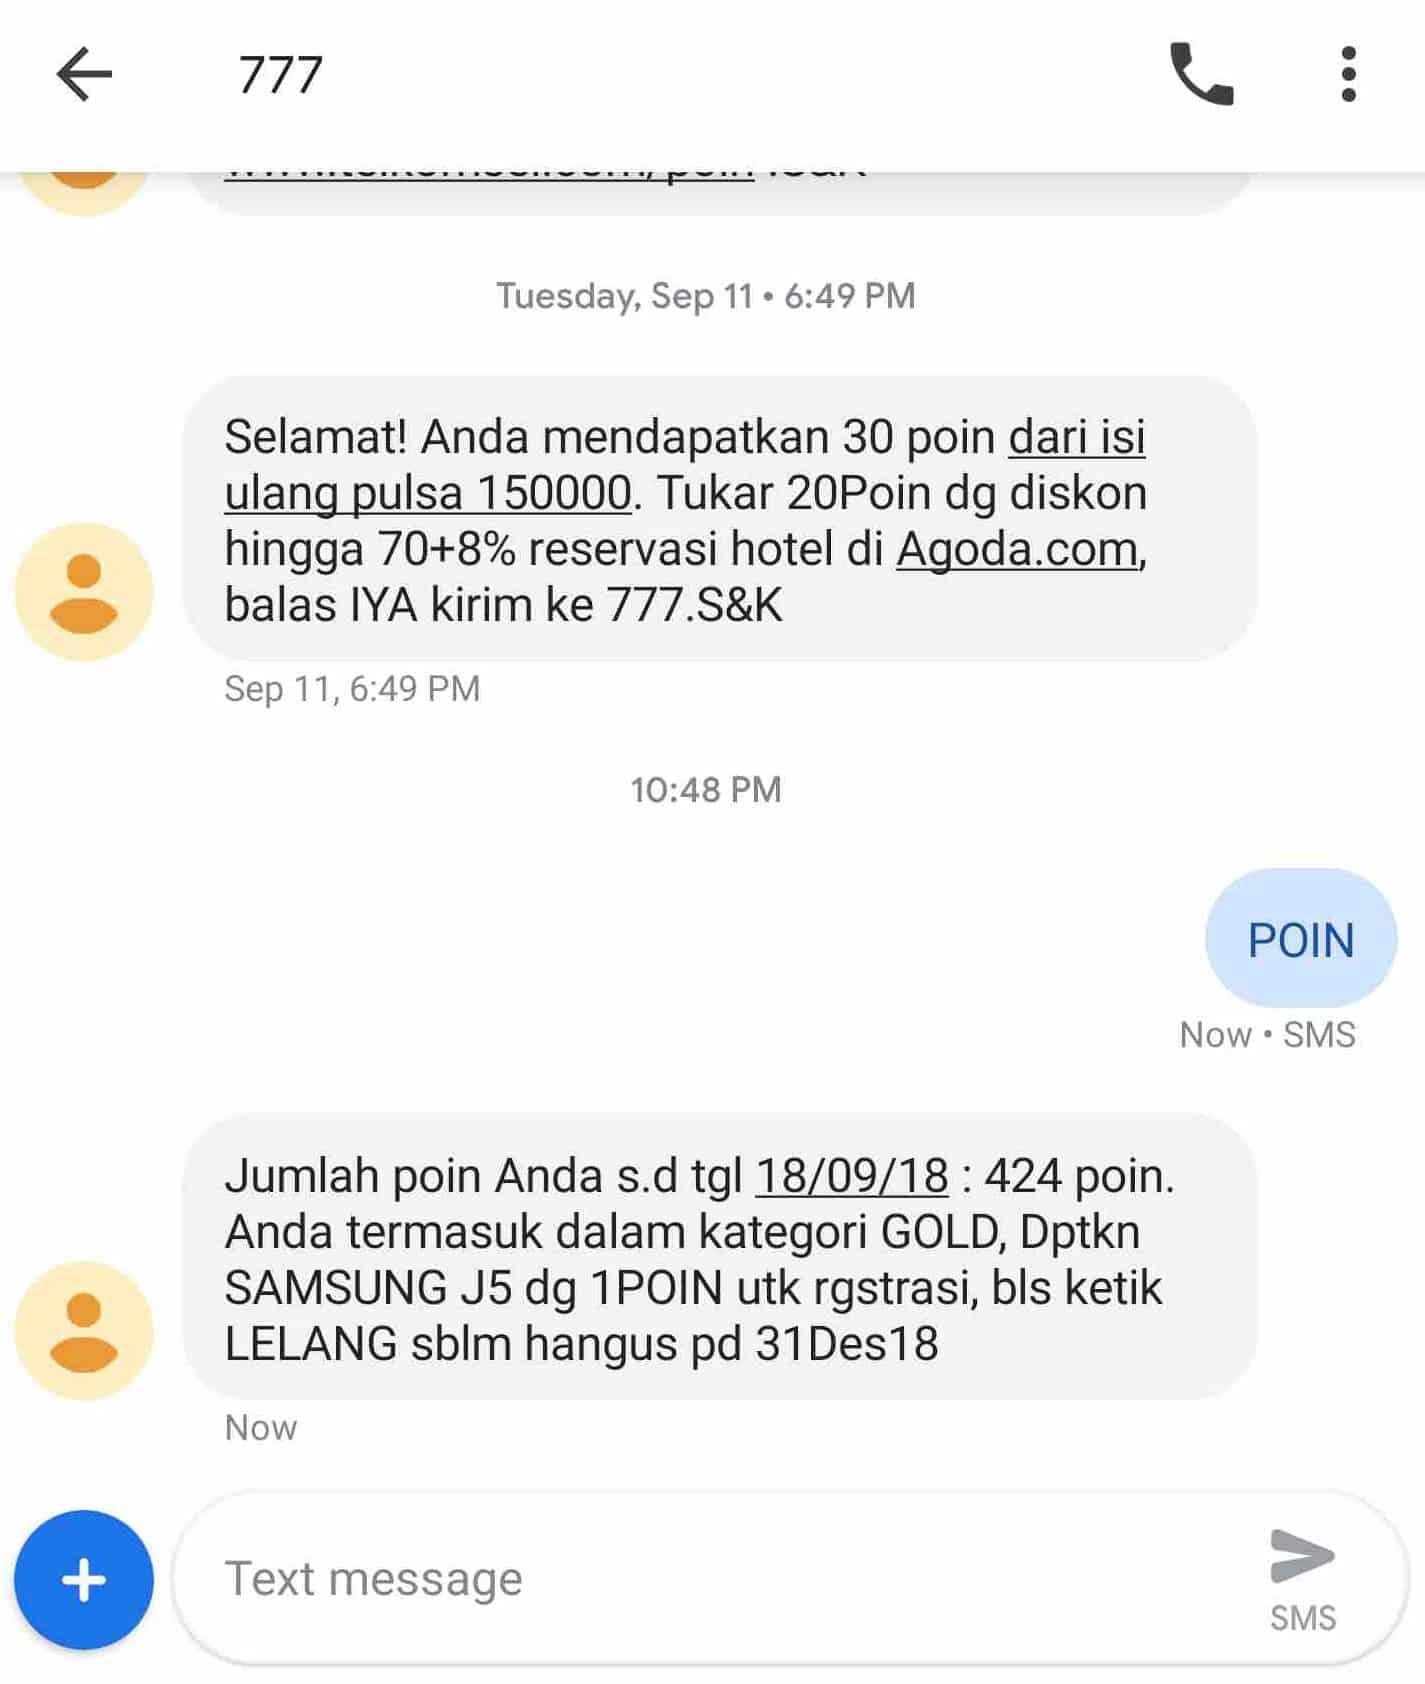 Cek POIN Telkomsel via SMS